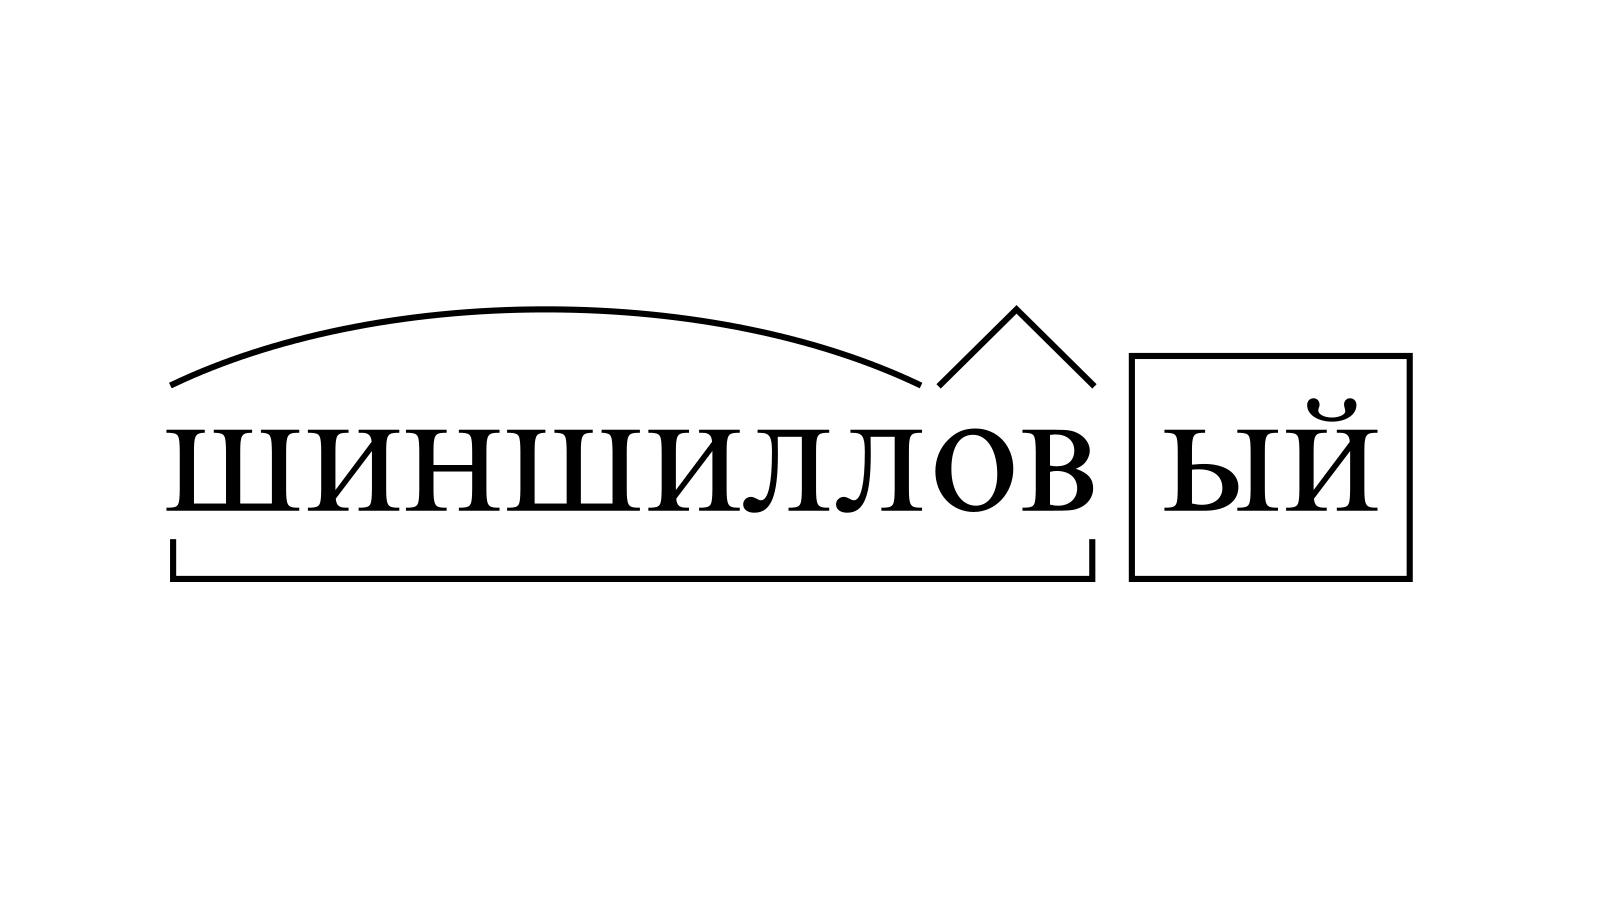 Разбор слова «шиншилловый» по составу